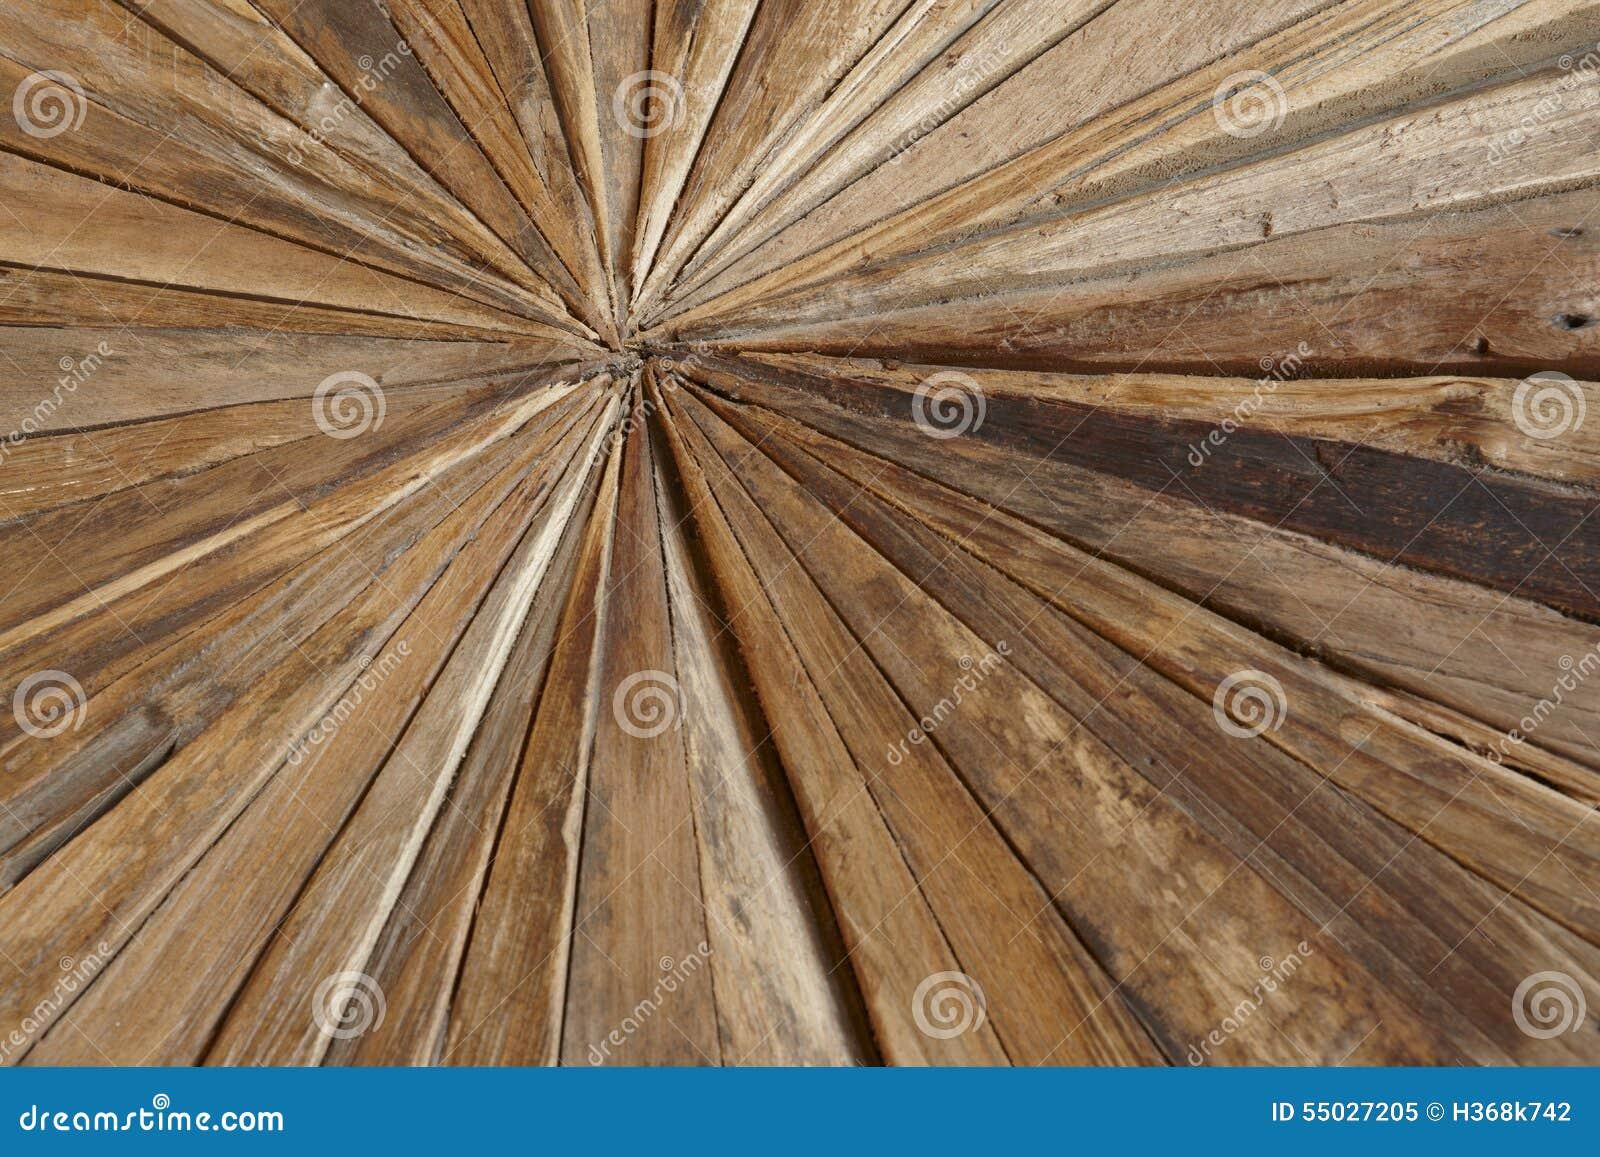 不同的种类在几何形状的木片